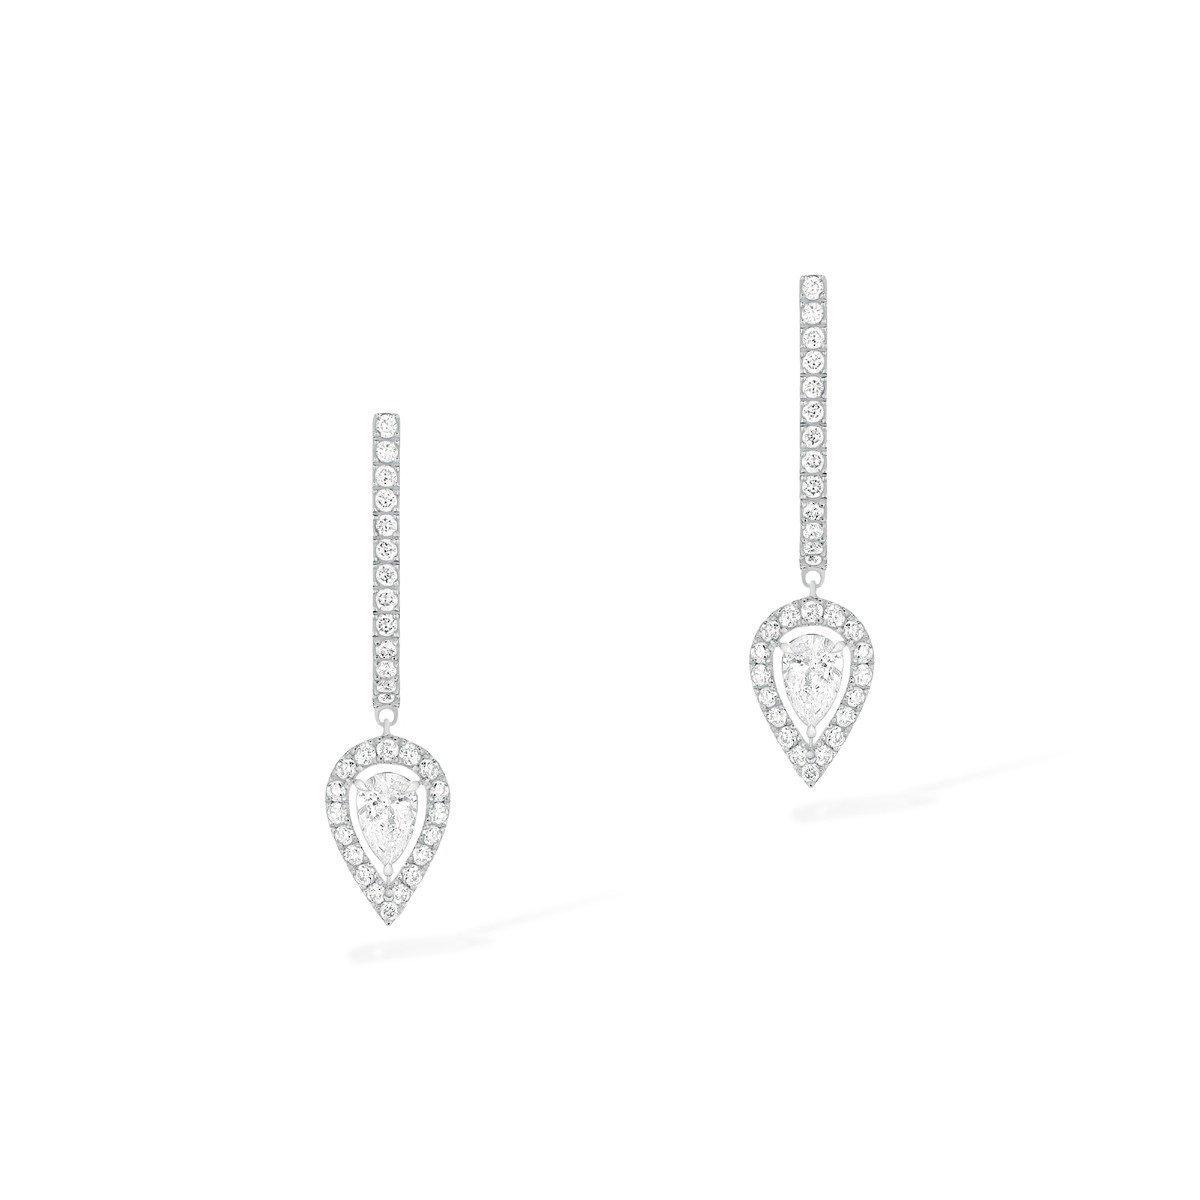 Boucles d'oreilles créoles Messika Joy en or blanc et diamants vue 1